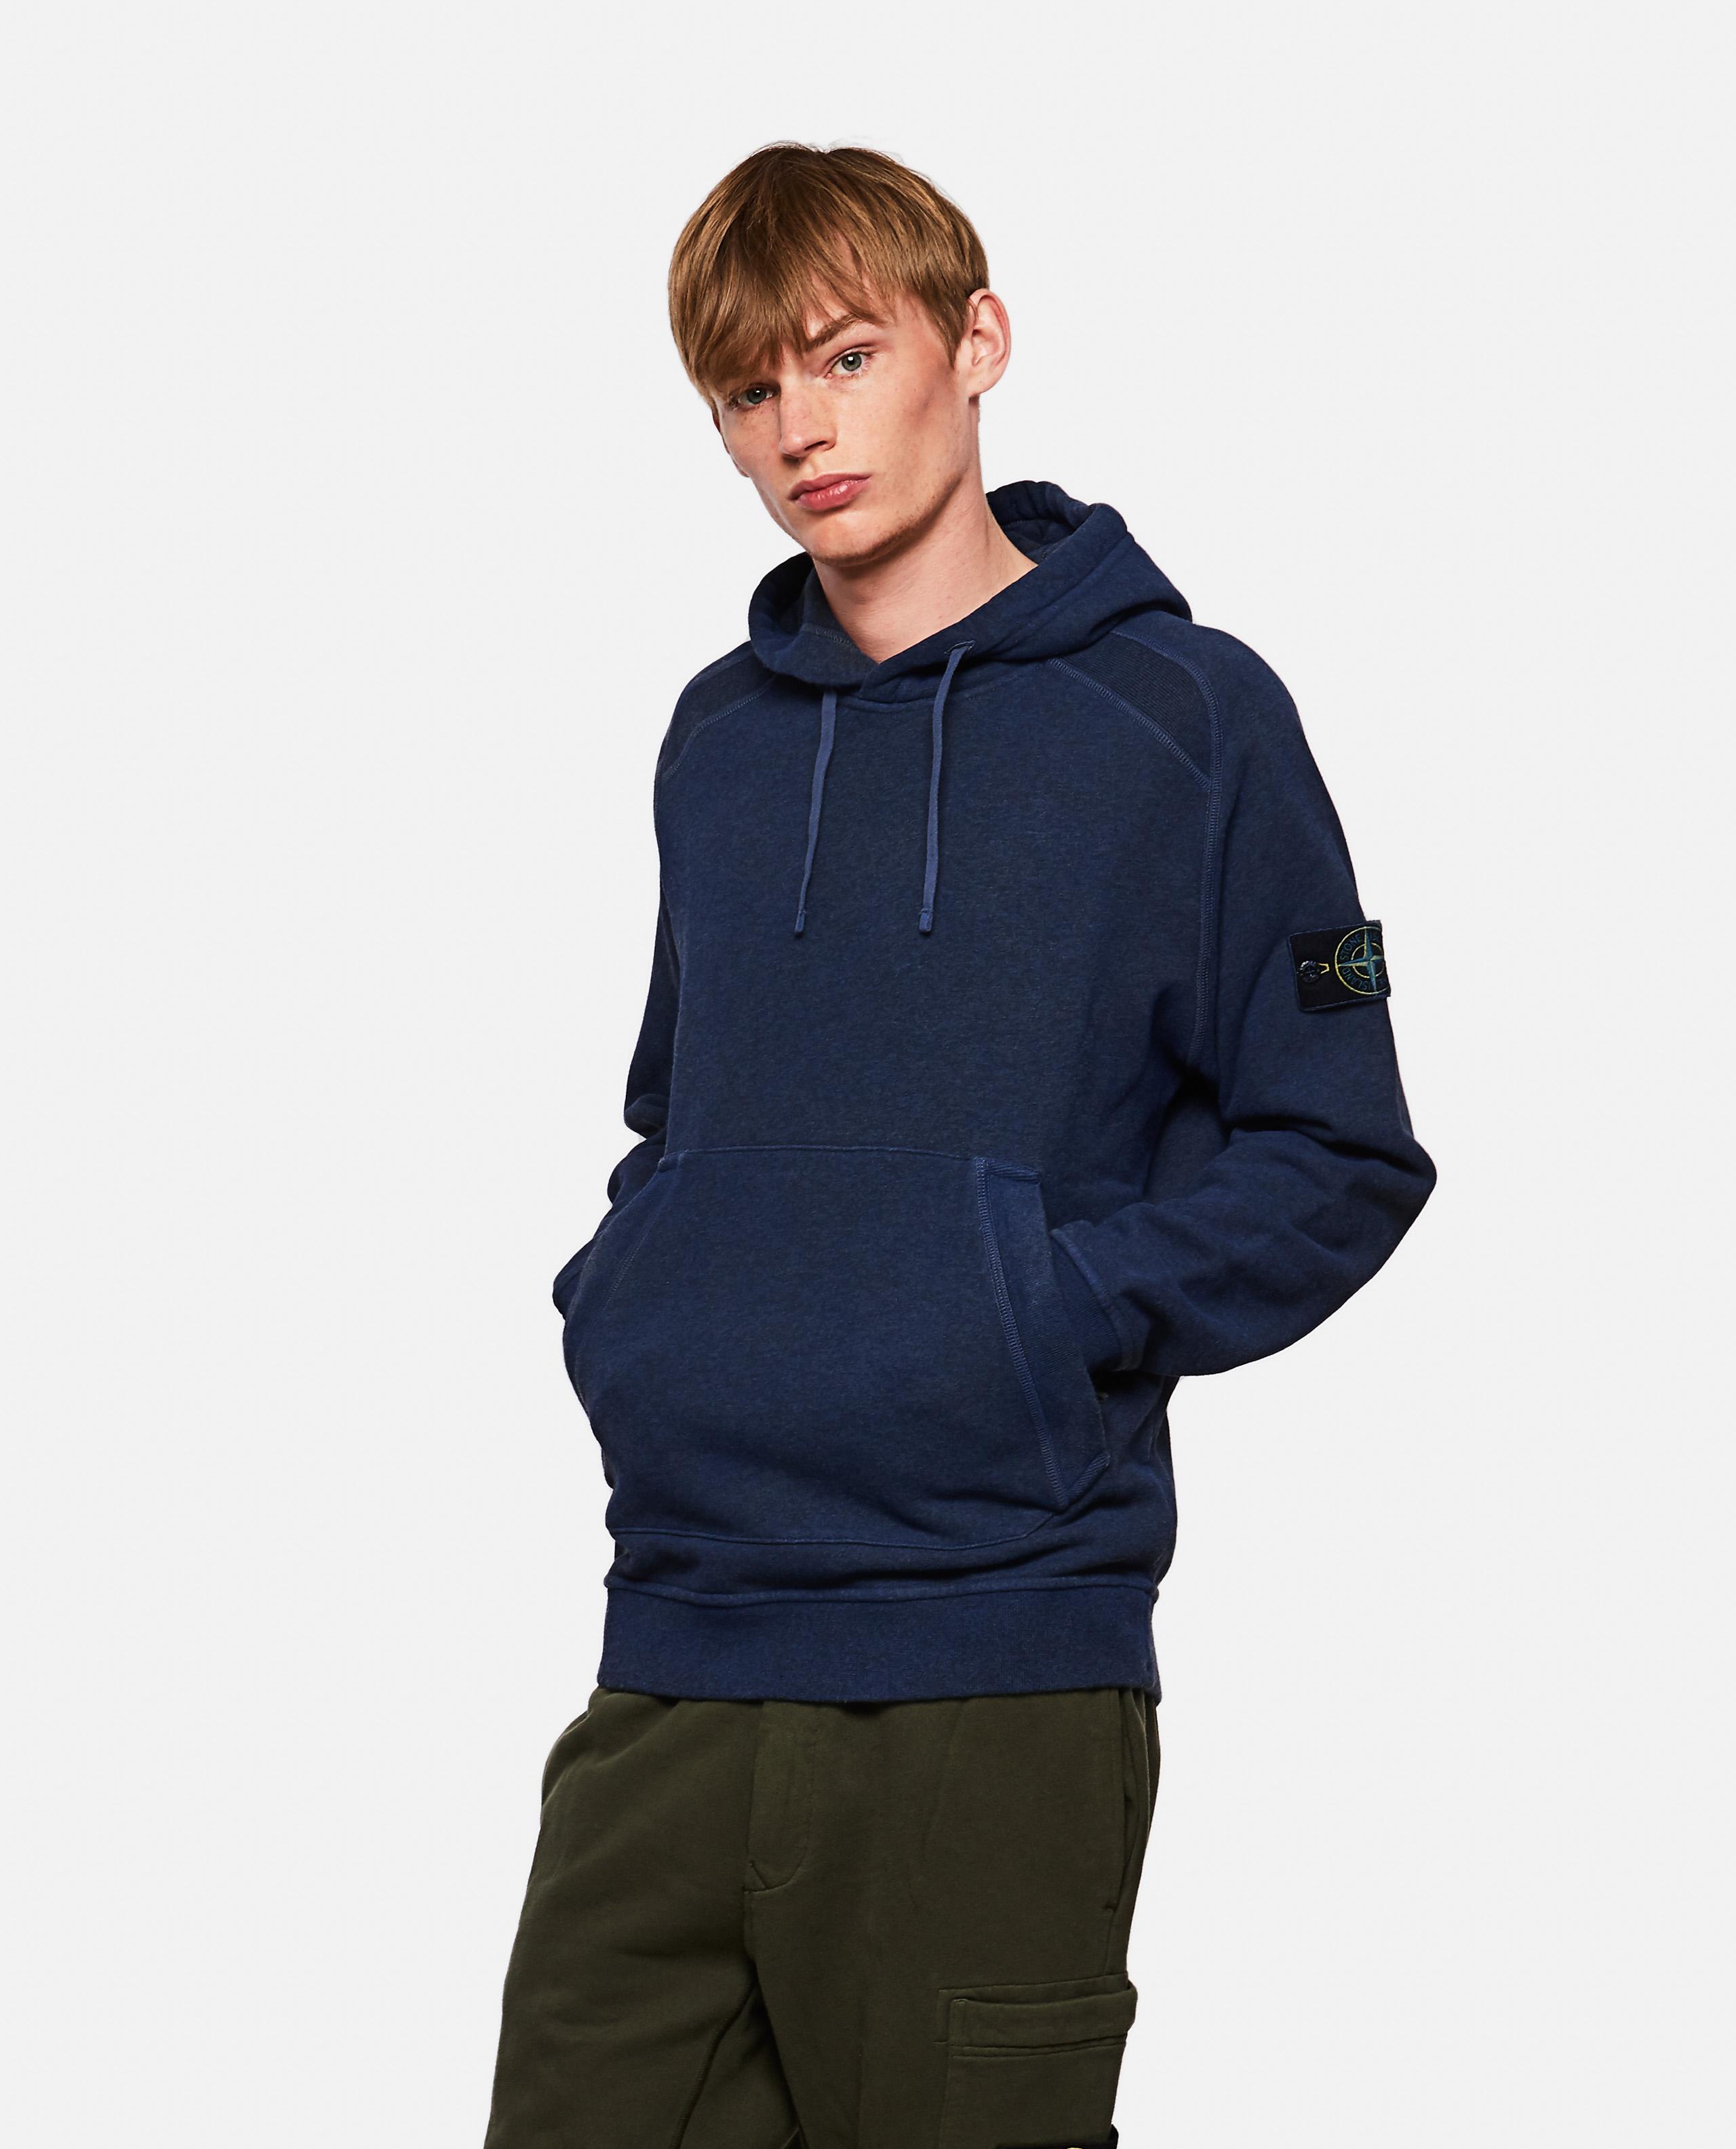 Sweatshirt in melange cotton